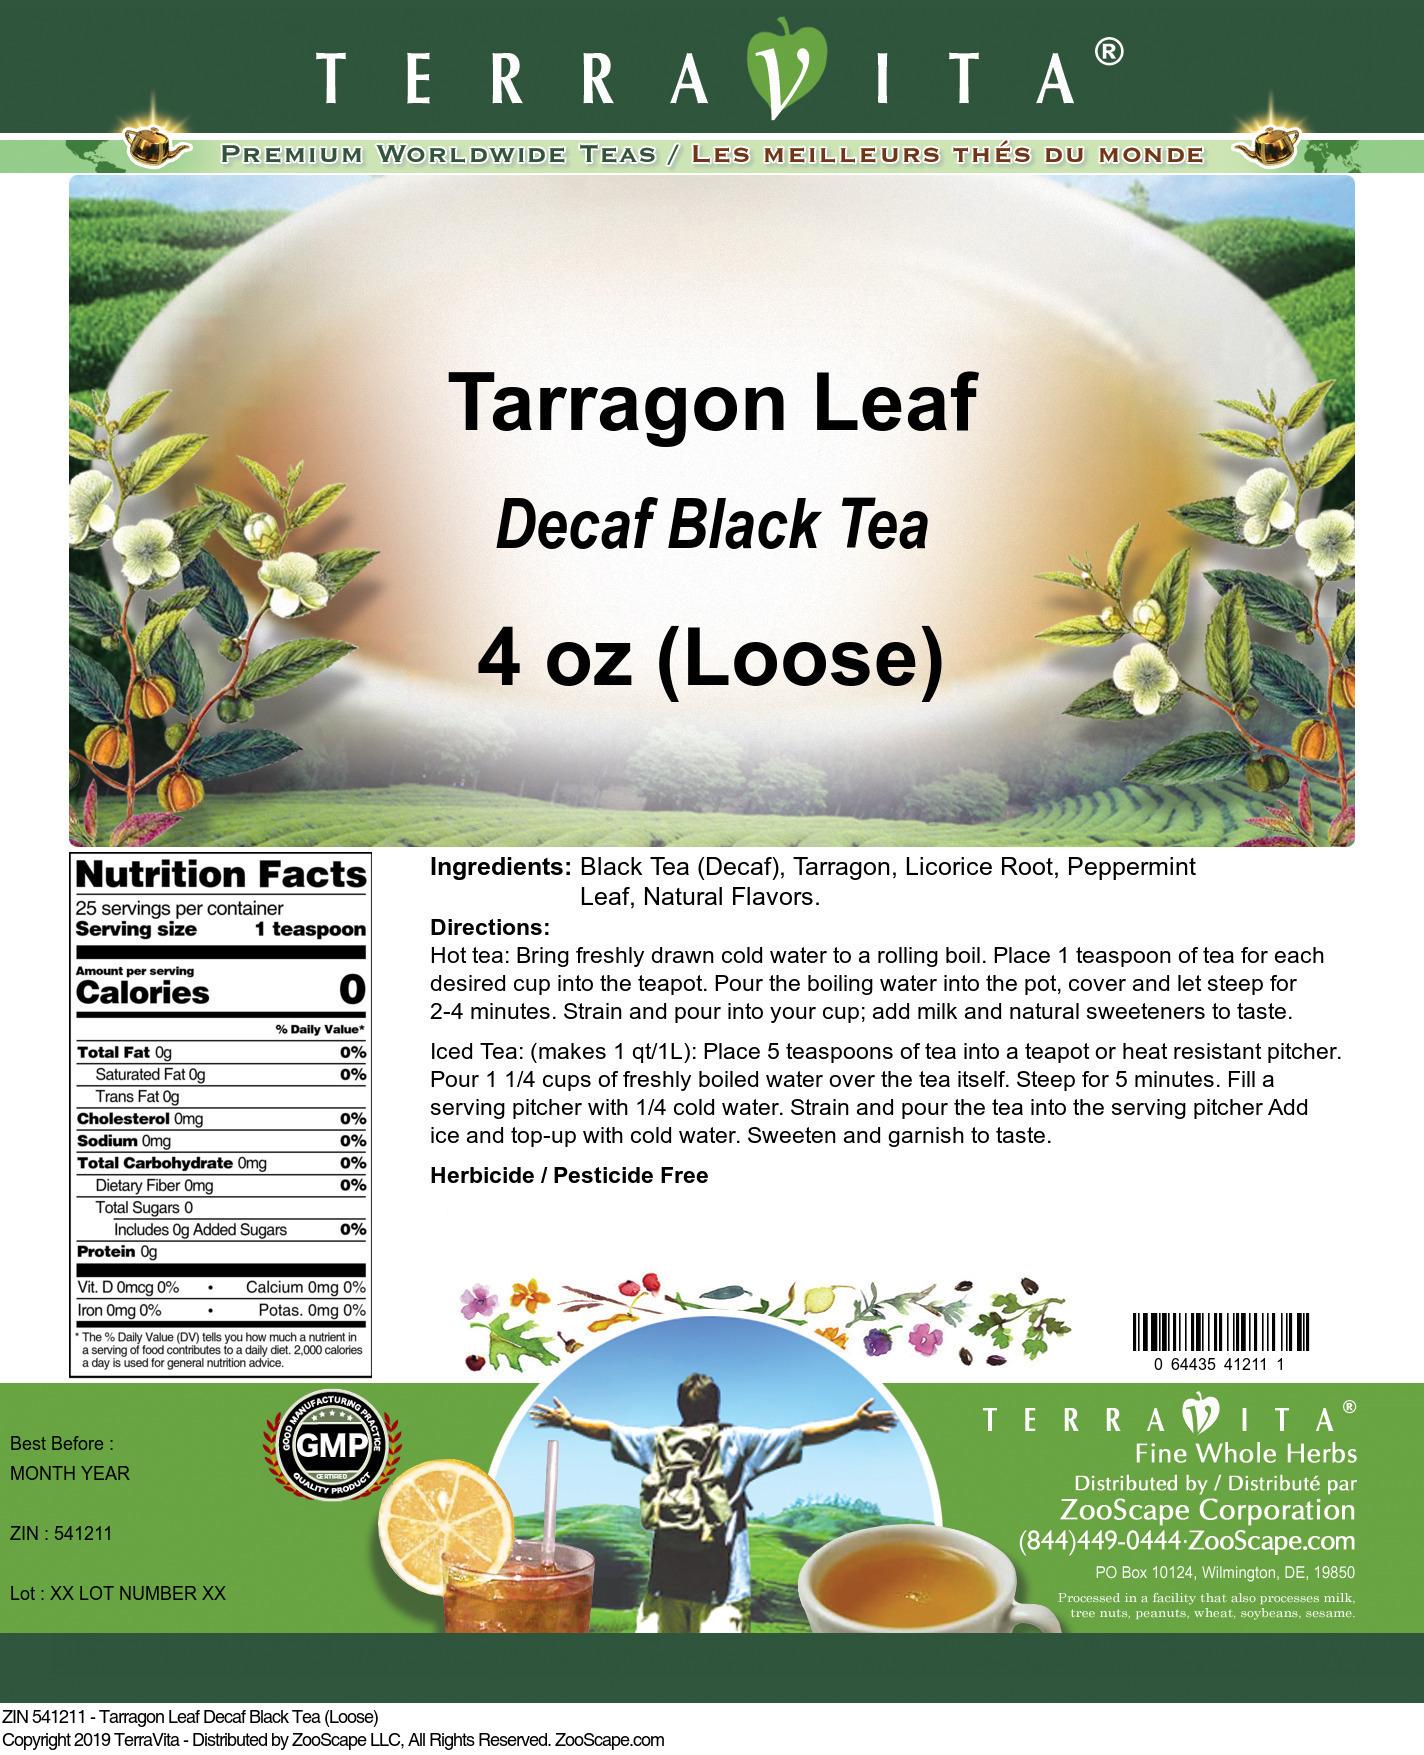 Tarragon Leaf Decaf Black Tea (Loose)